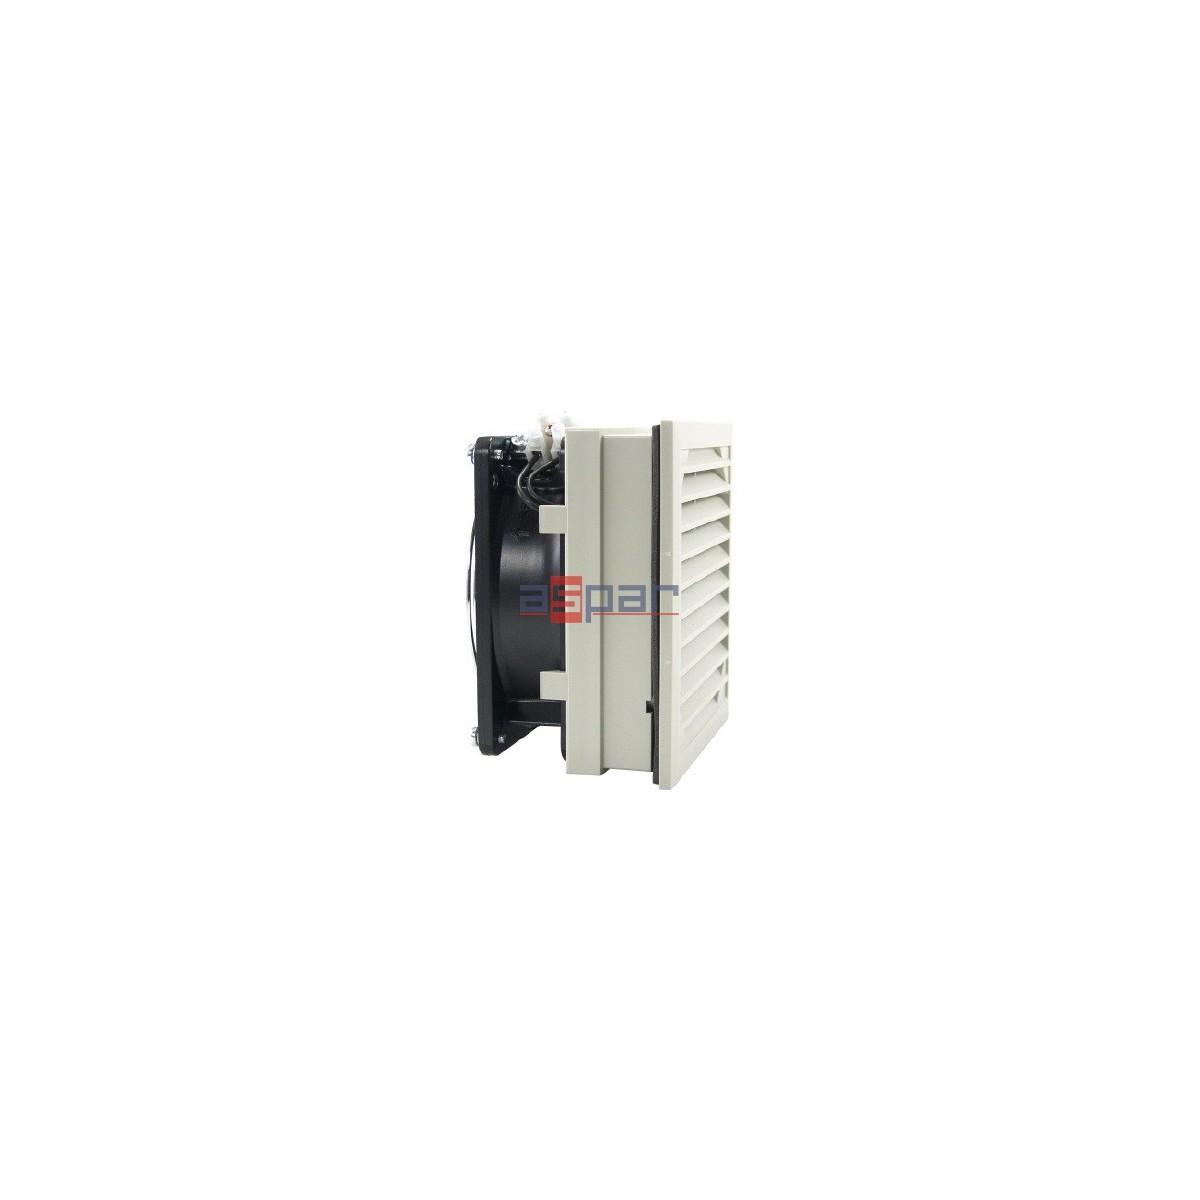 LV 200 230VAC - filter fan, 130 x 130mm